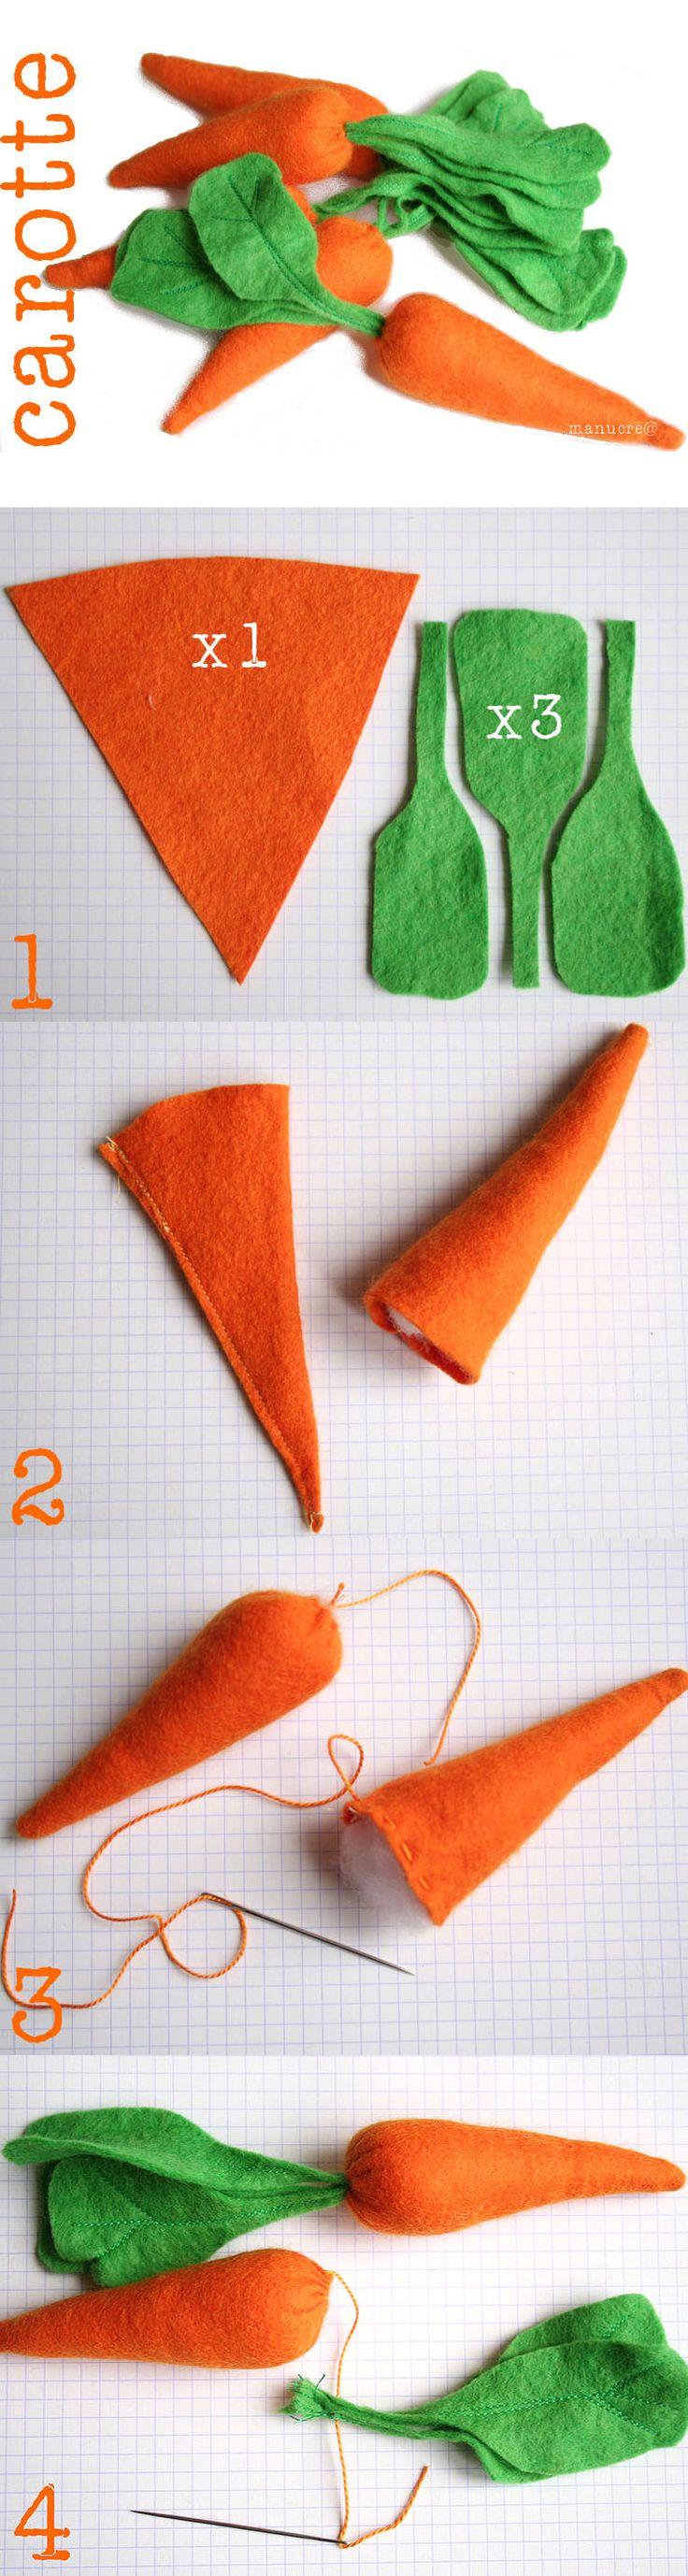 Tuto pour faire des carottes en feutrines. Tiré du site http://familleringeval.canalblog.com/